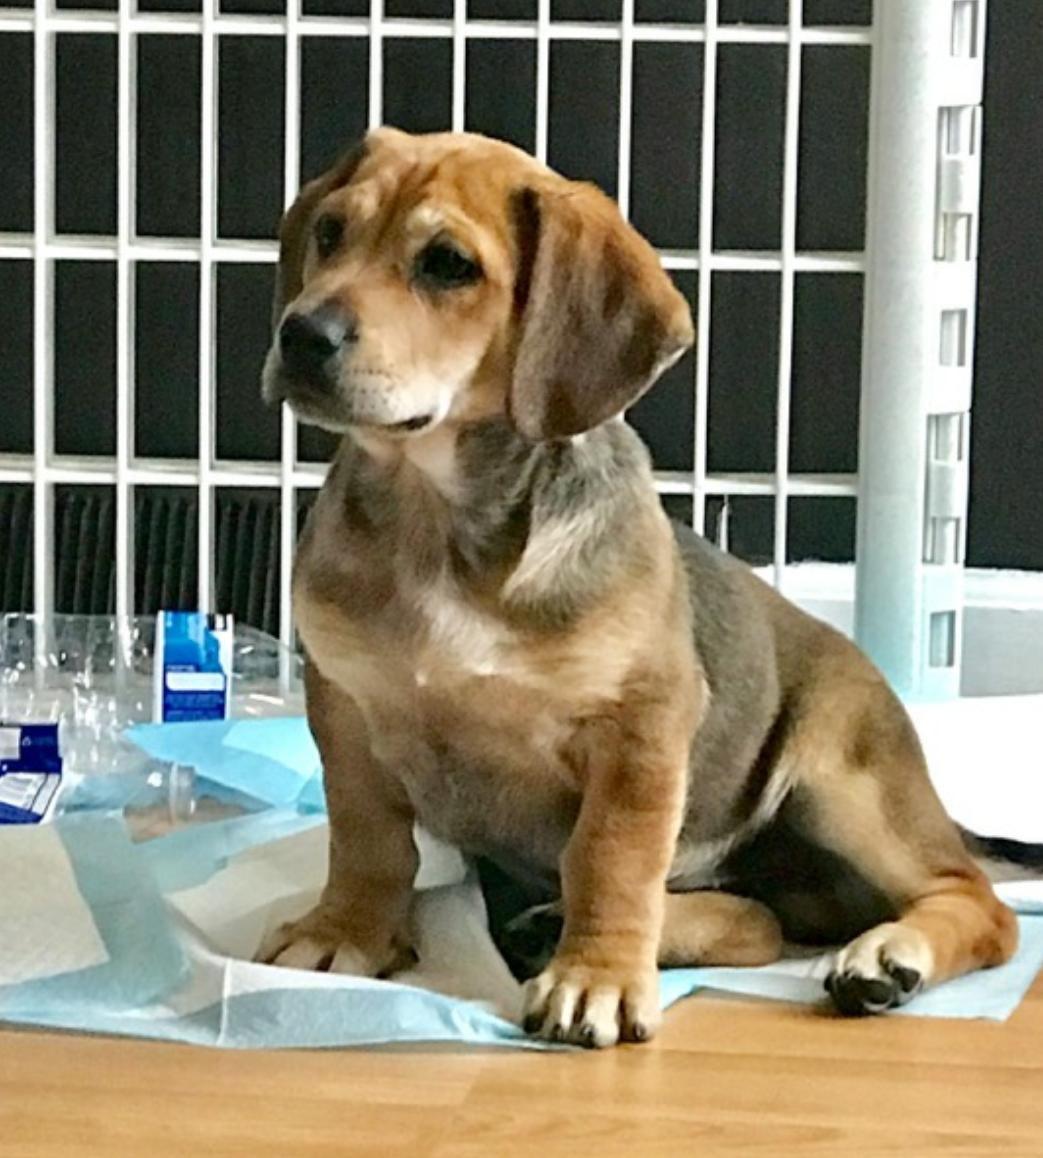 Basset Hound dog for Adoption in Livonia, MI. ADN750588